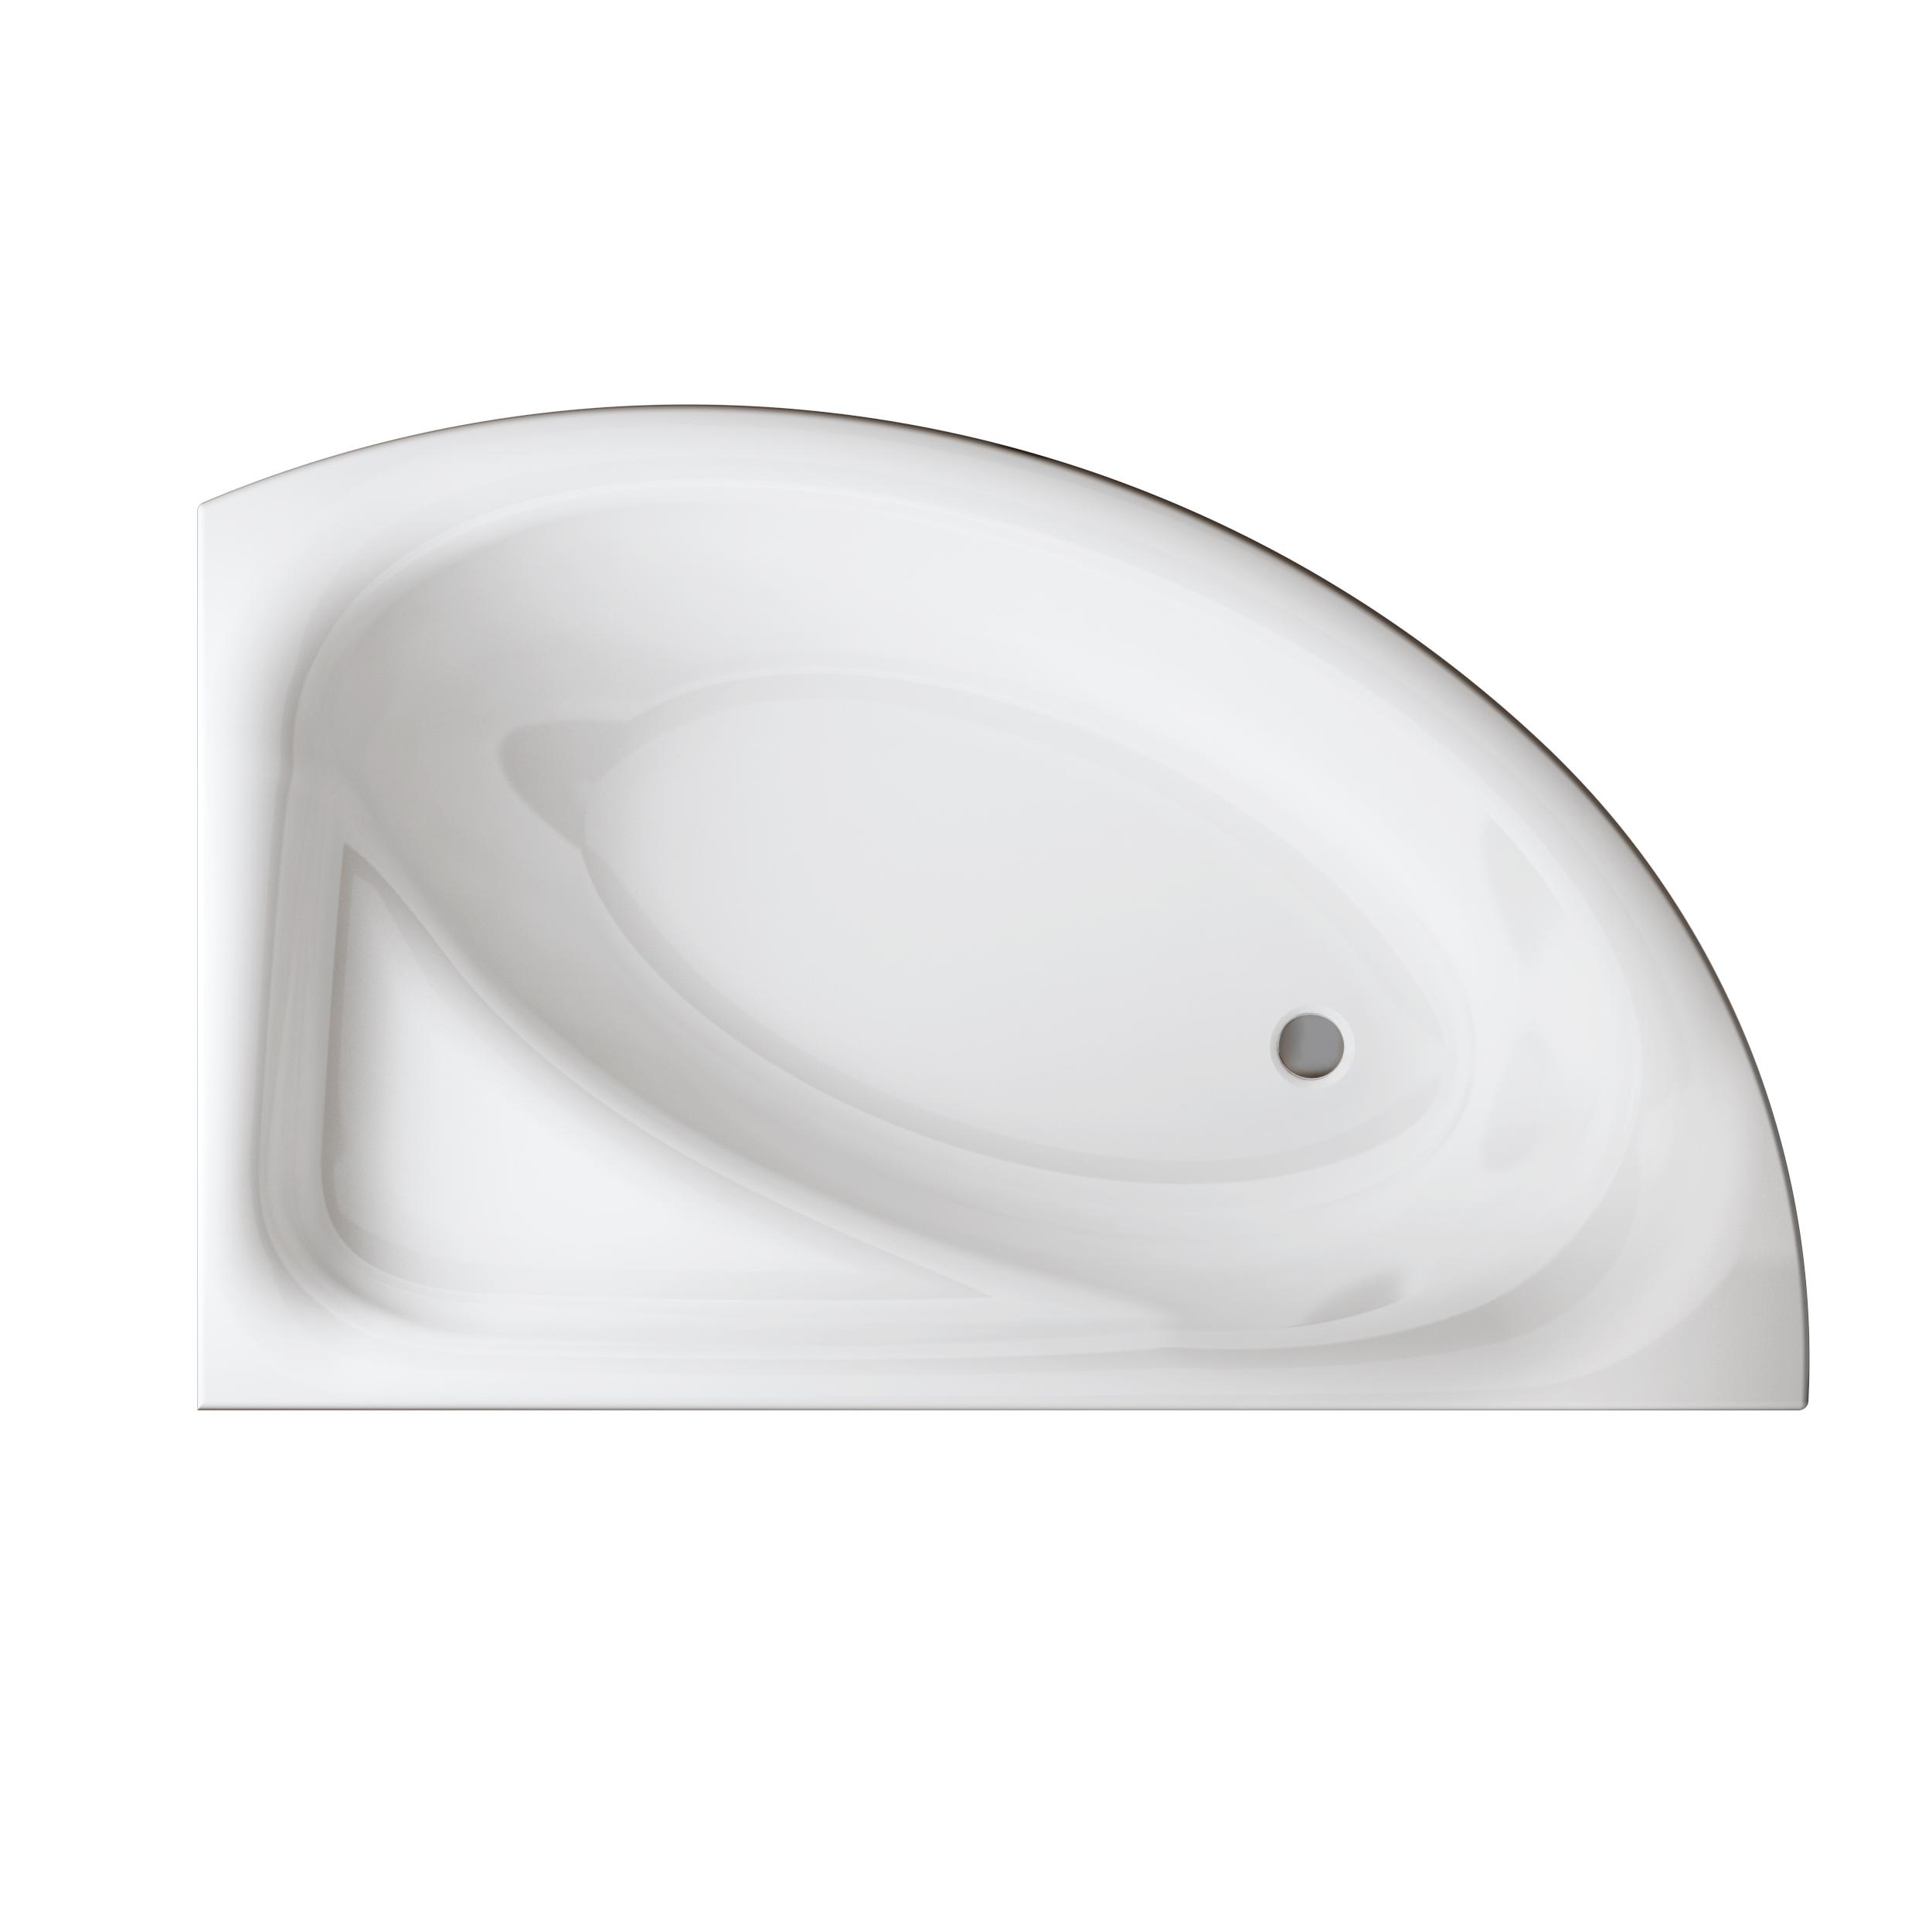 Ванна акриловая Cersanit Meza правая 170 S301-125